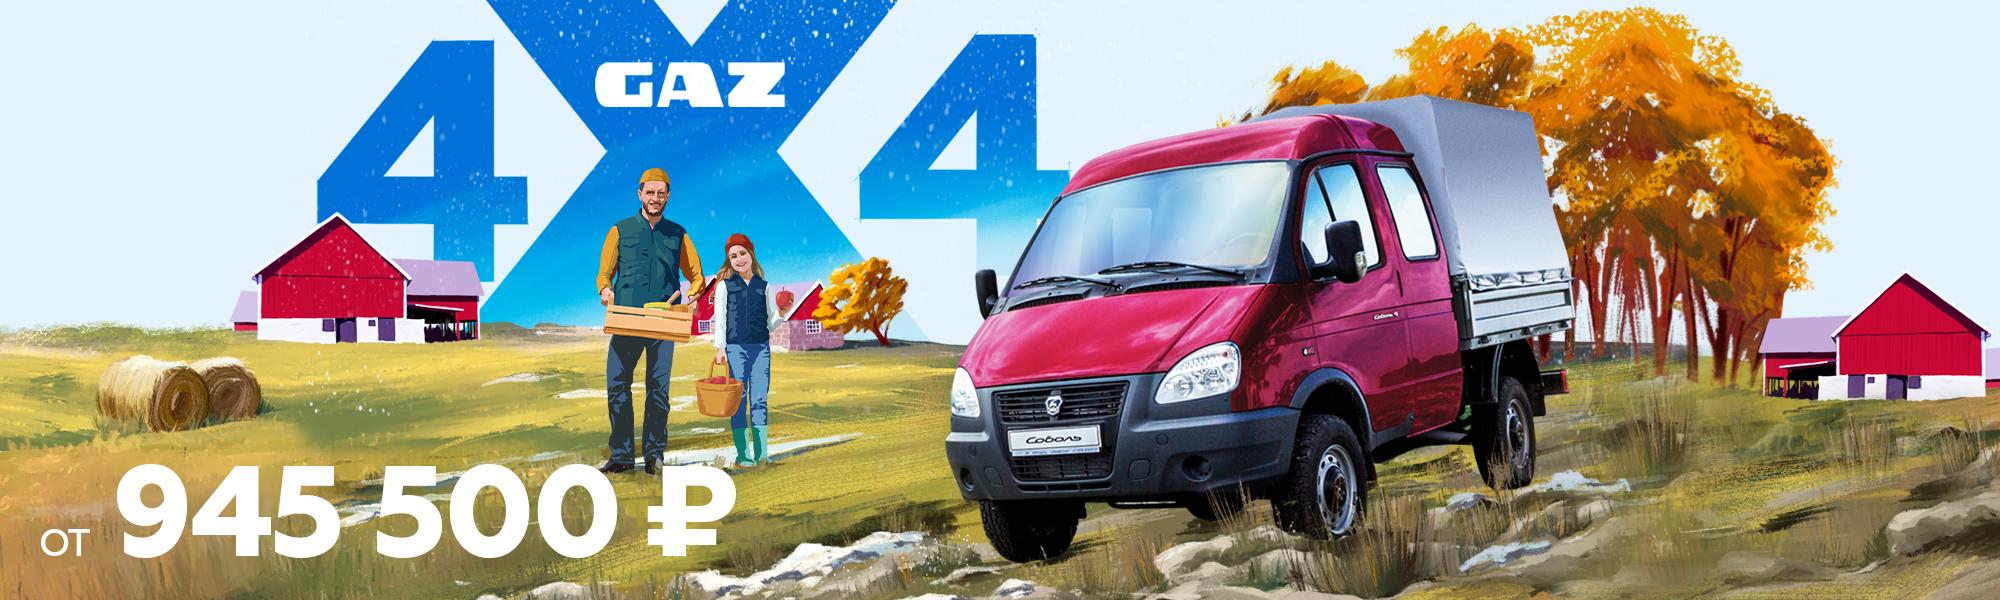 Спецпредложение Выгода при покупке ГАЗ 4х4. Десктопное изображение